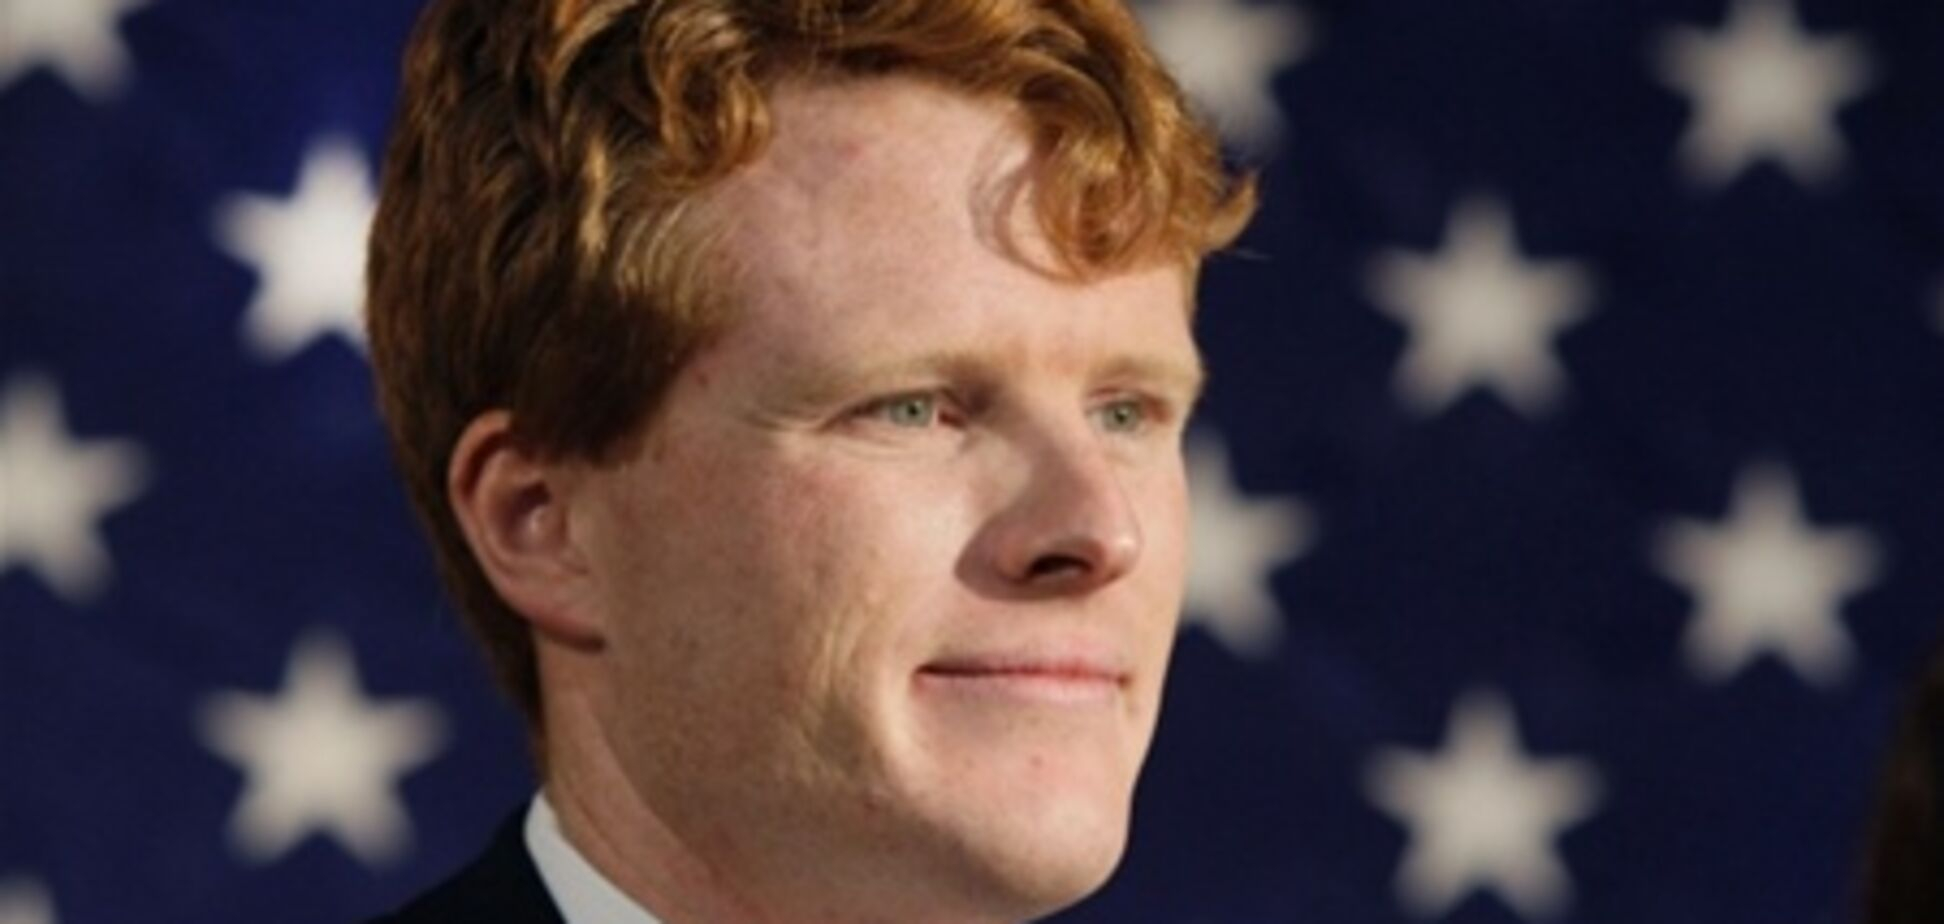 Представитель клана Кеннеди претендует на место в Конгрессе США